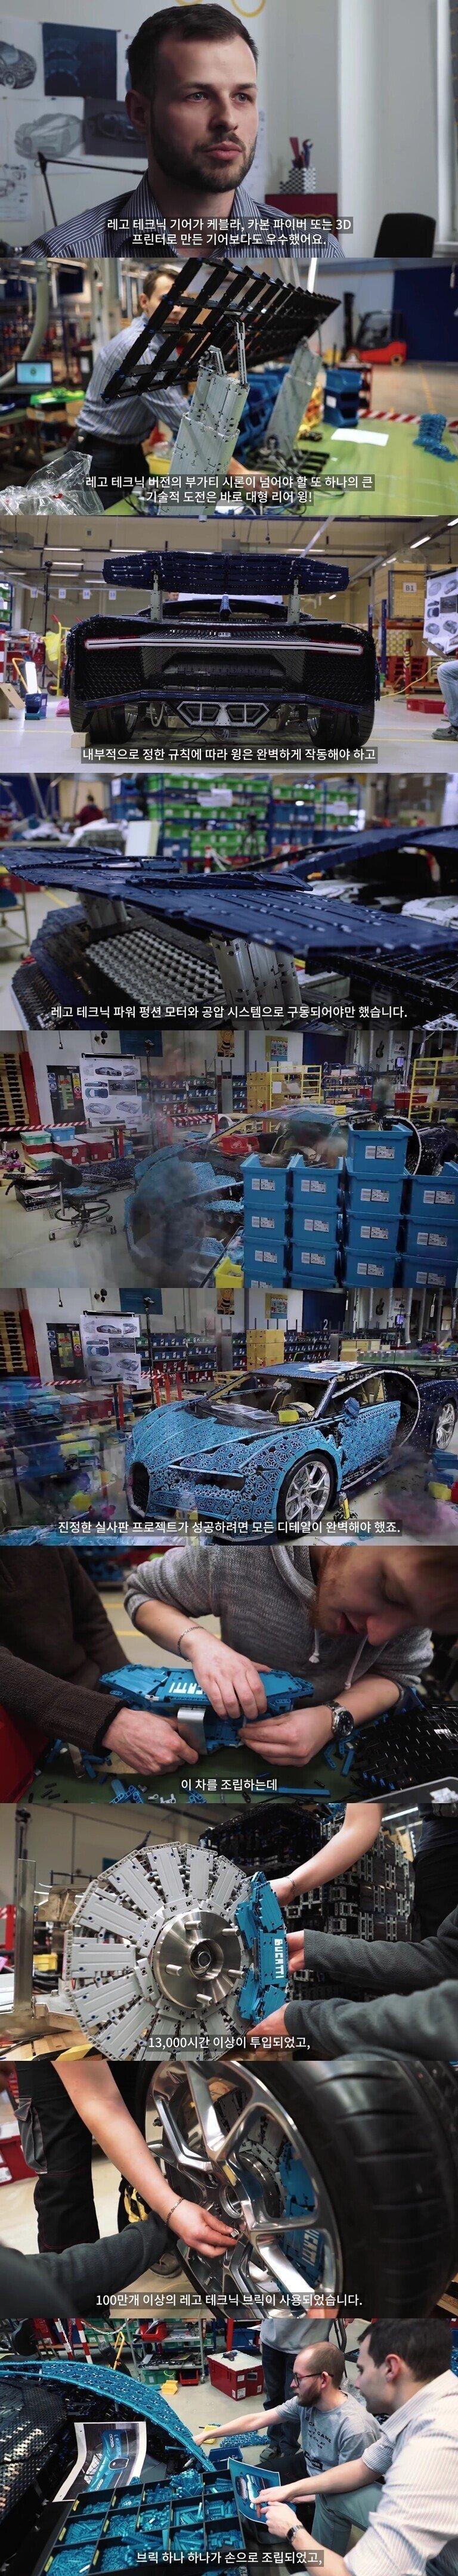 레고 테크닉 부가티 42083 - 불가능을 조립하다(다큐멘터리)-vert6.jpg 스압) 레고로 달리는 부가티를 만들다.Docu